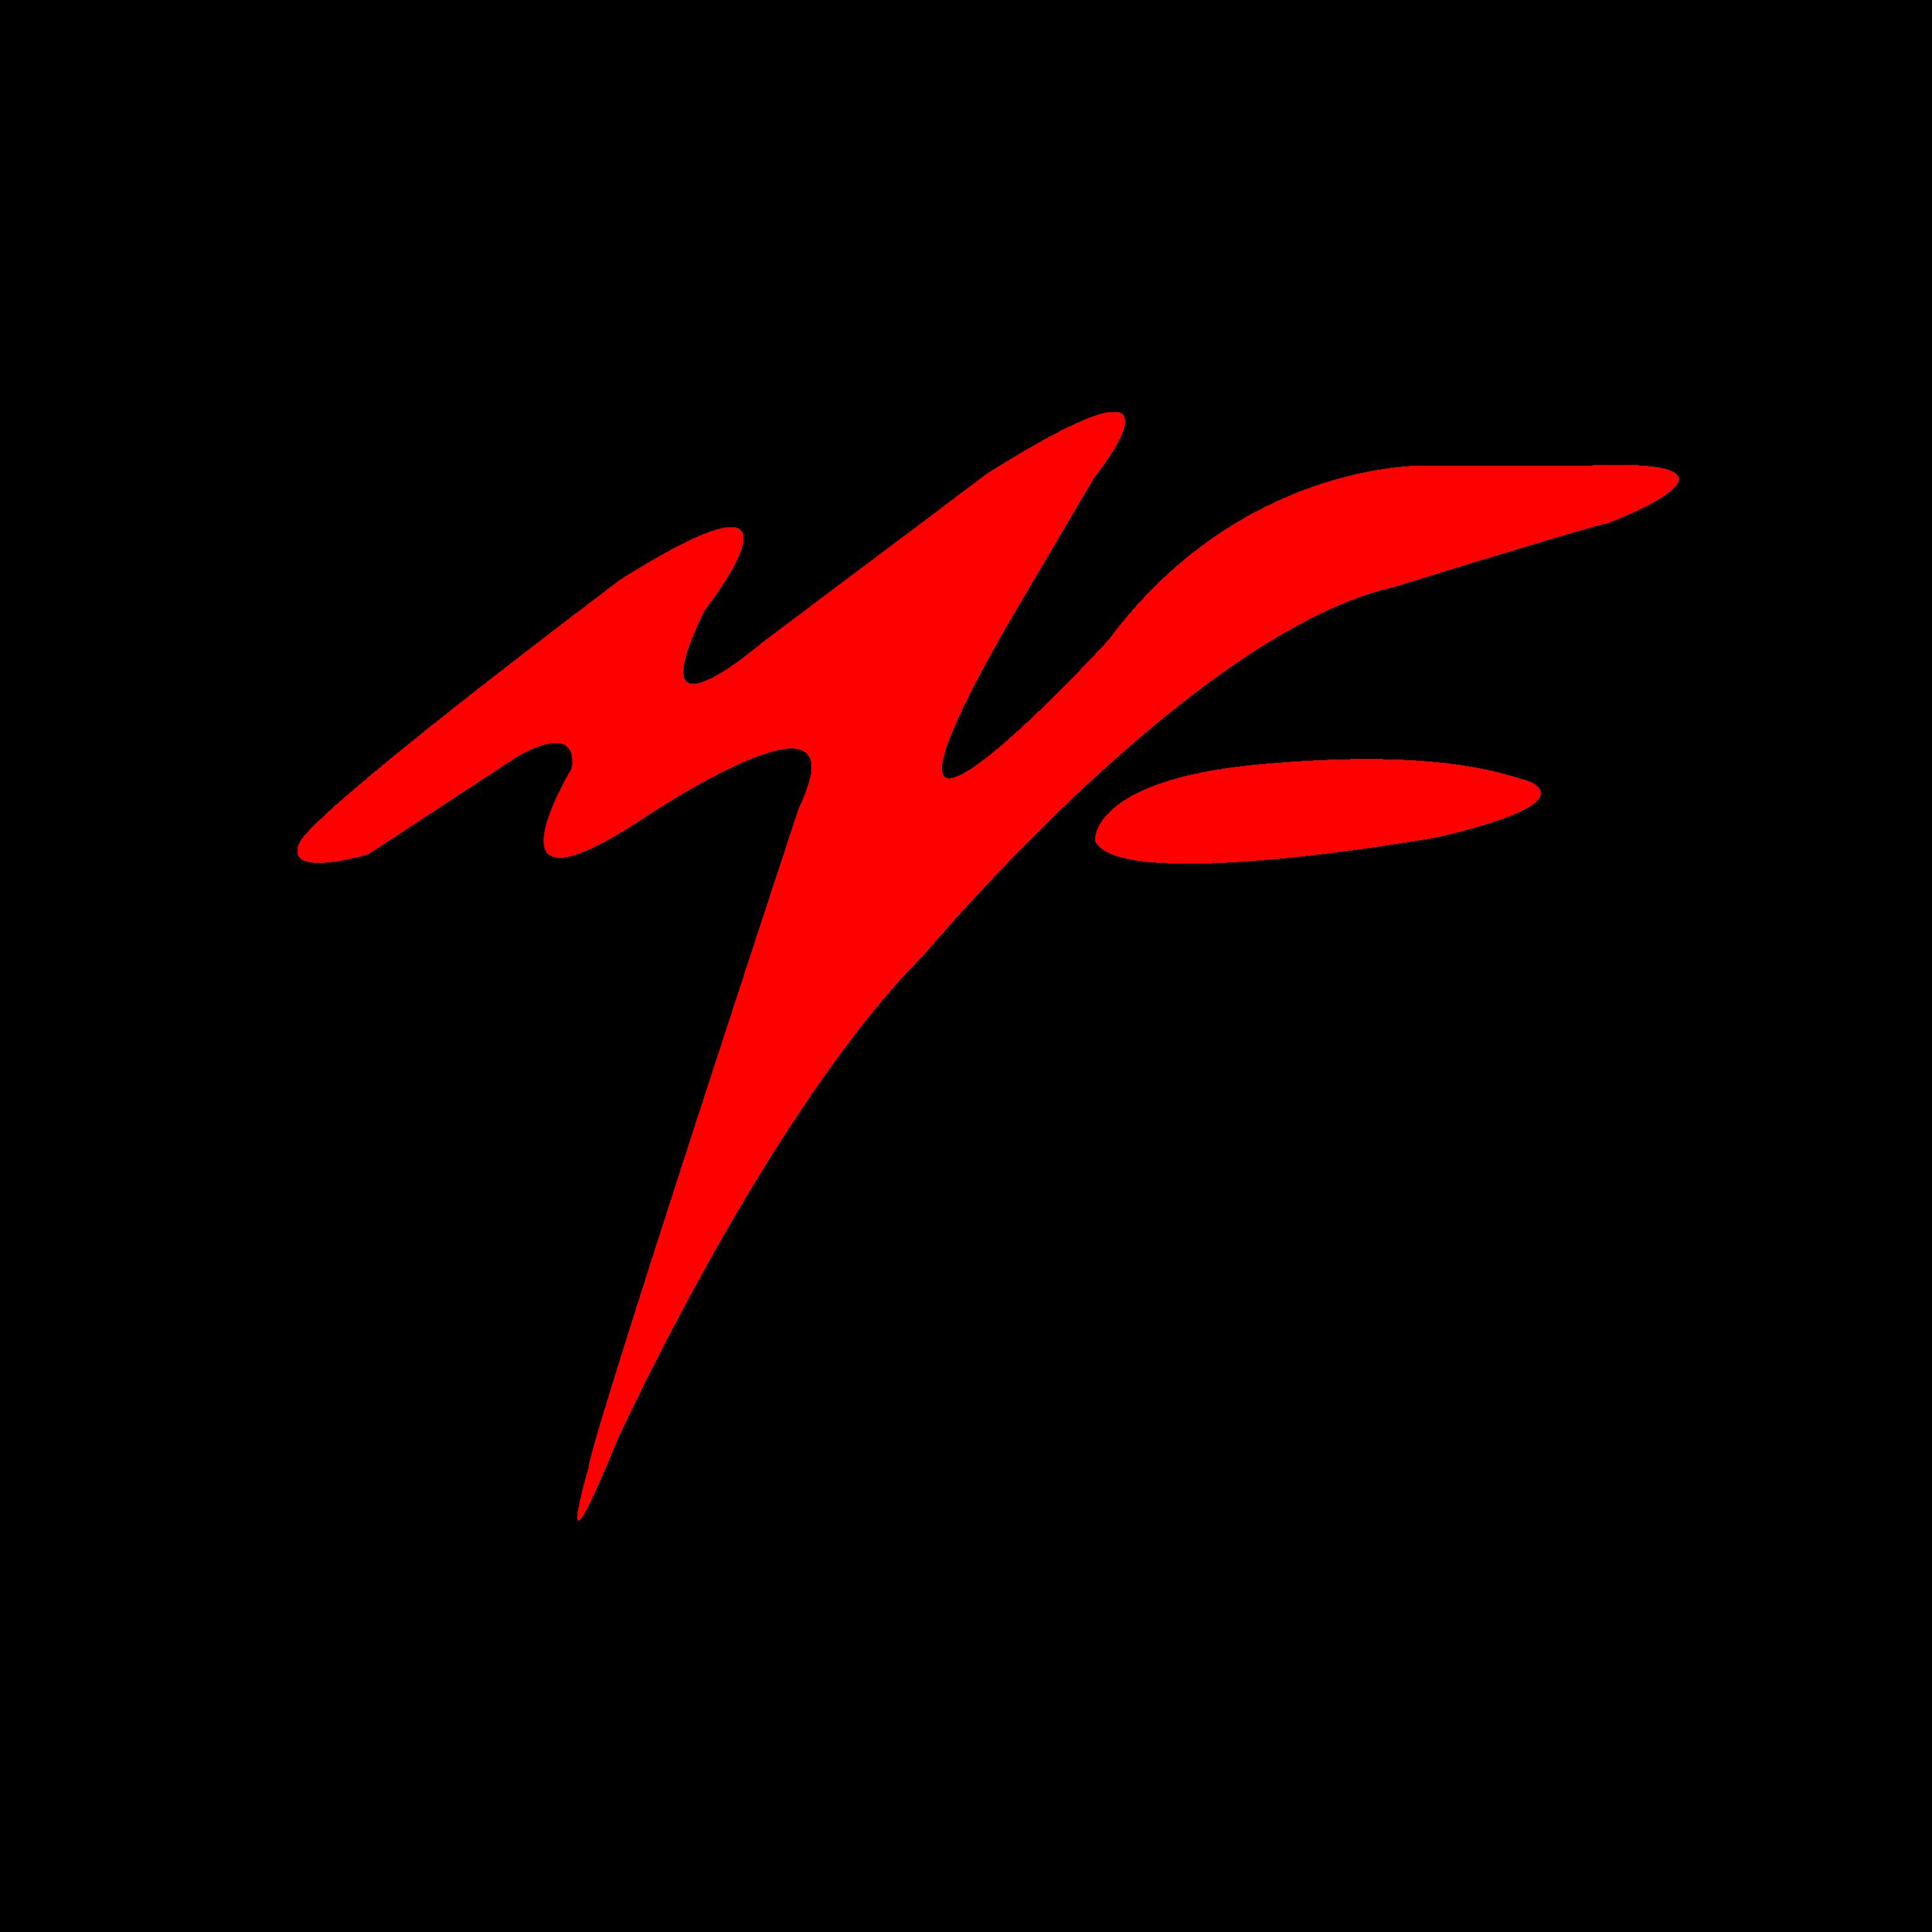 @mf_twt